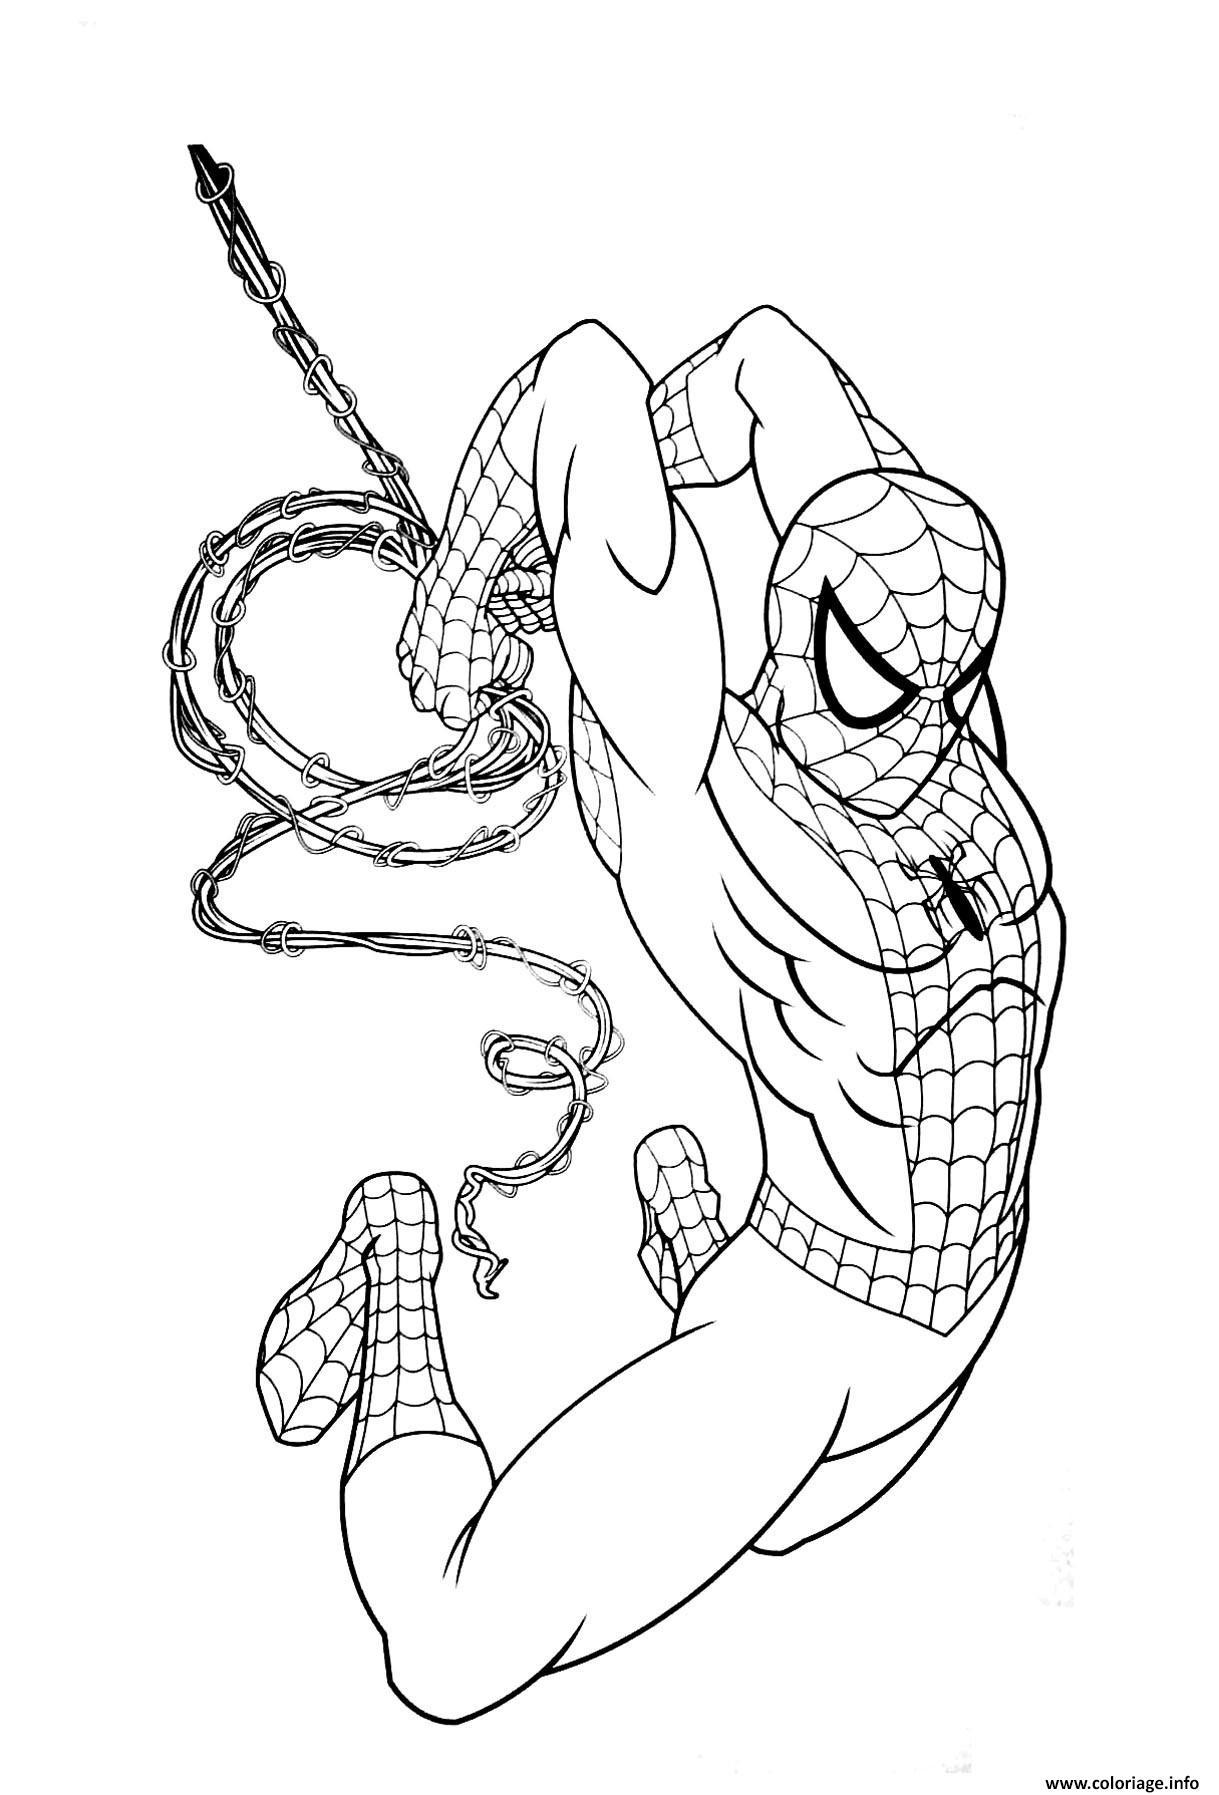 Coloriage Avengers Endgame Spiderman Jecolorie Com